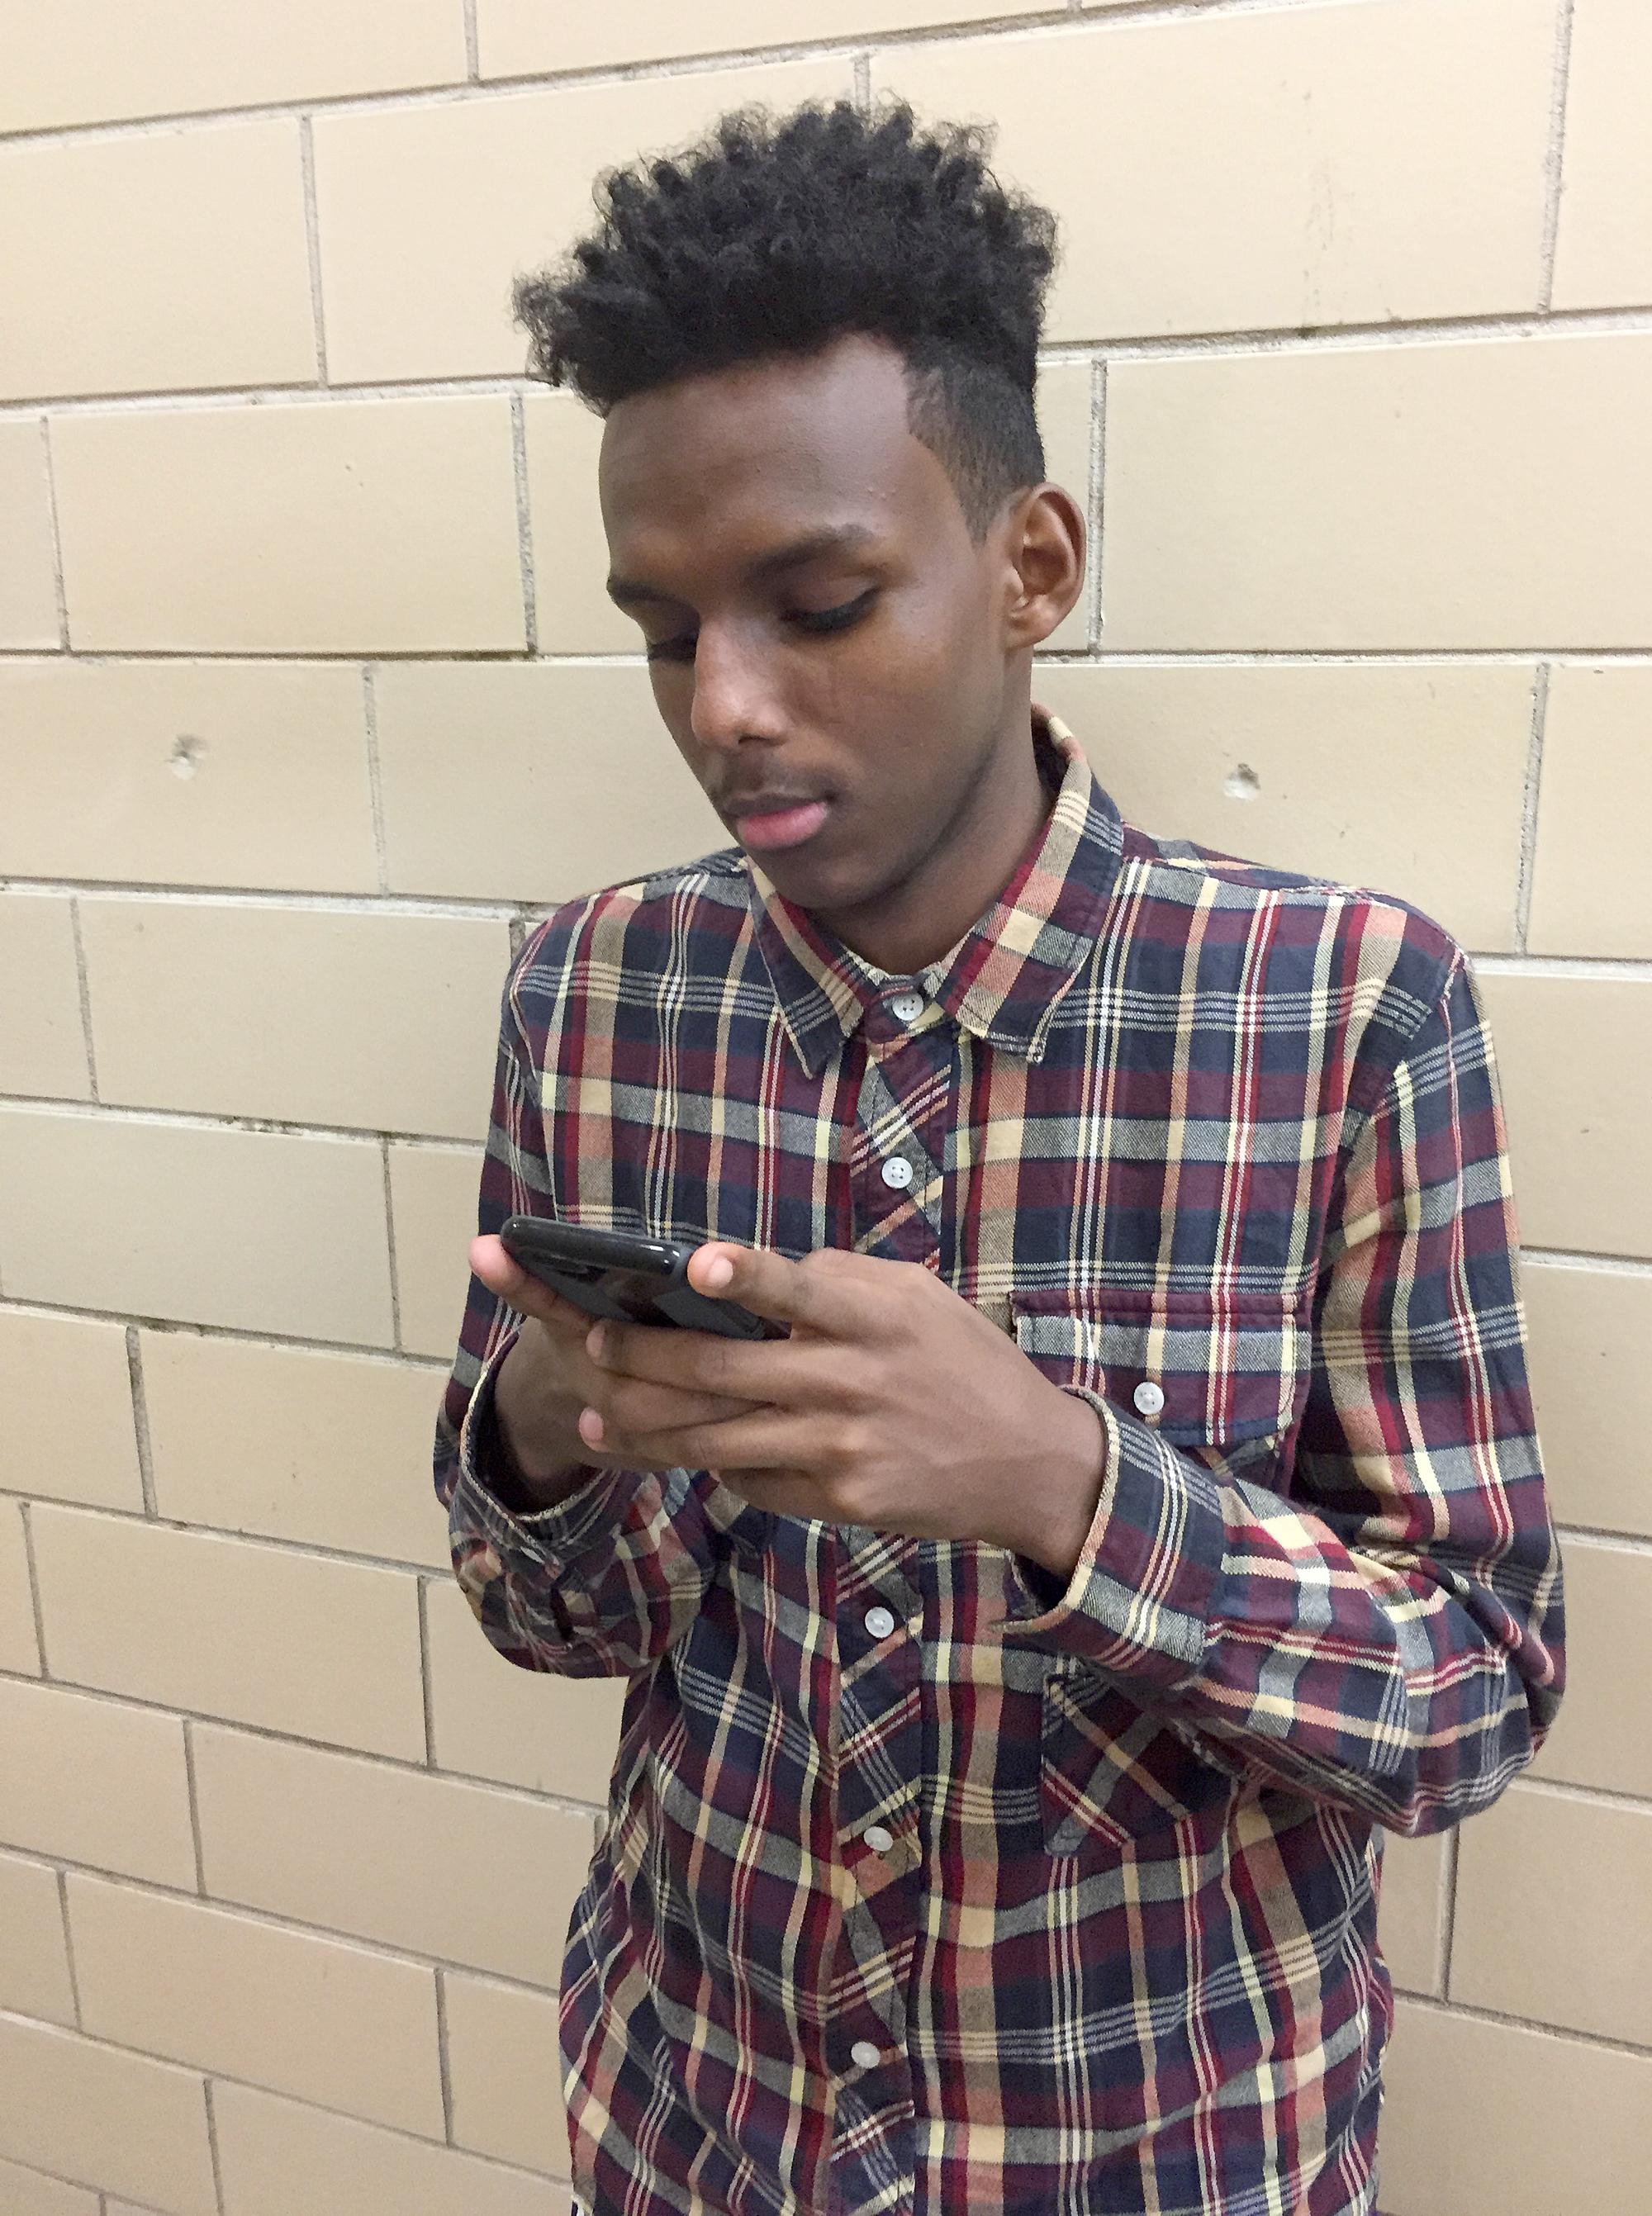 Amir Sharif looking at his phone